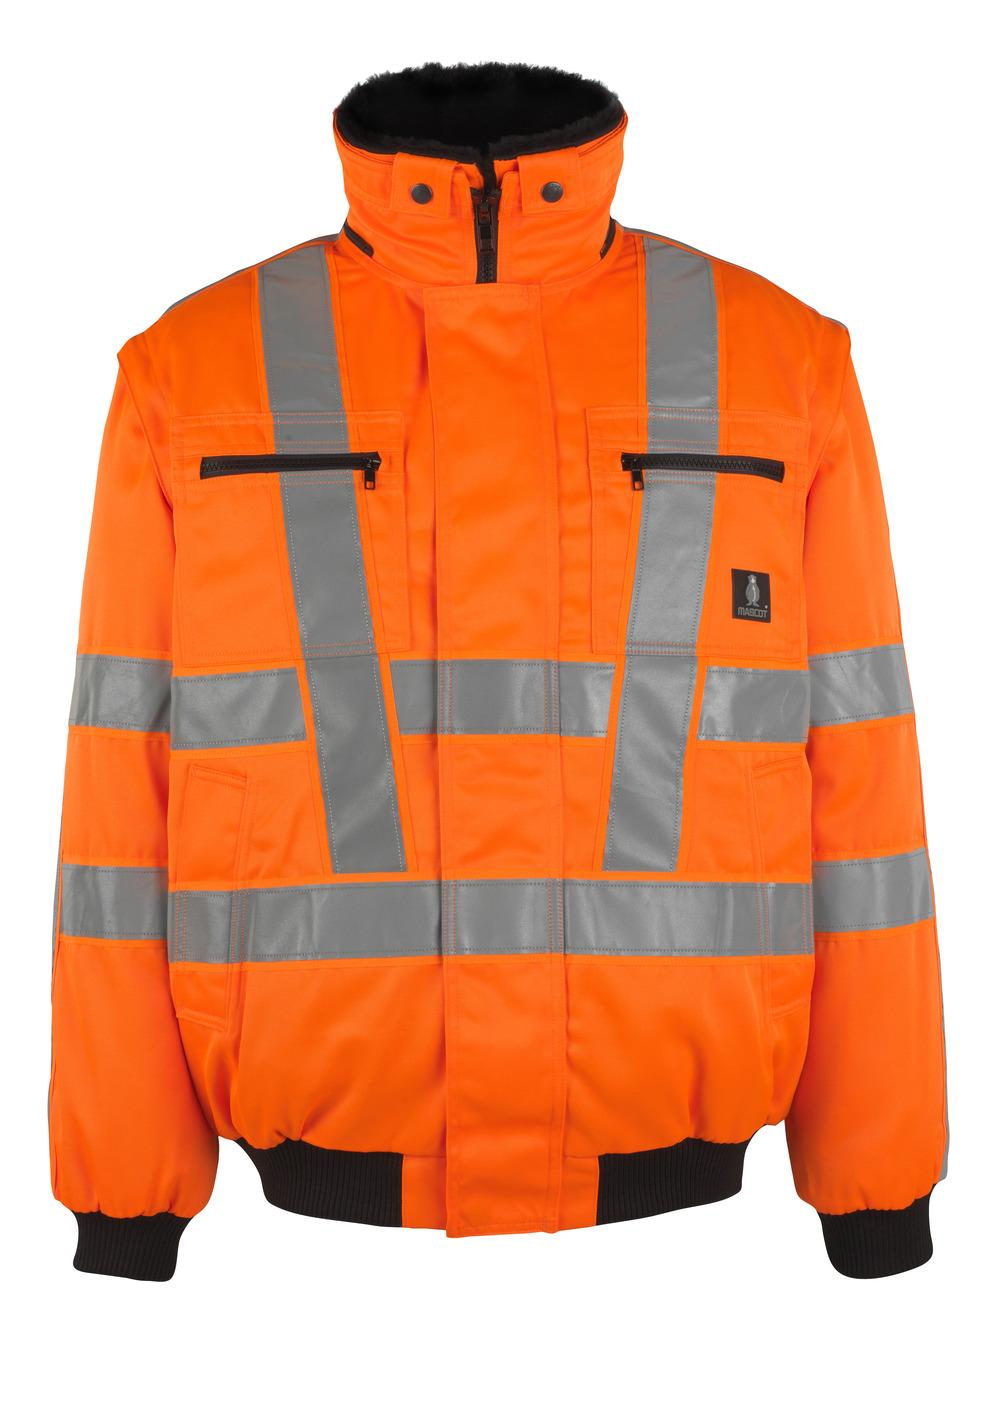 05020-660-14 Pilot Jacket - hi-vis orange